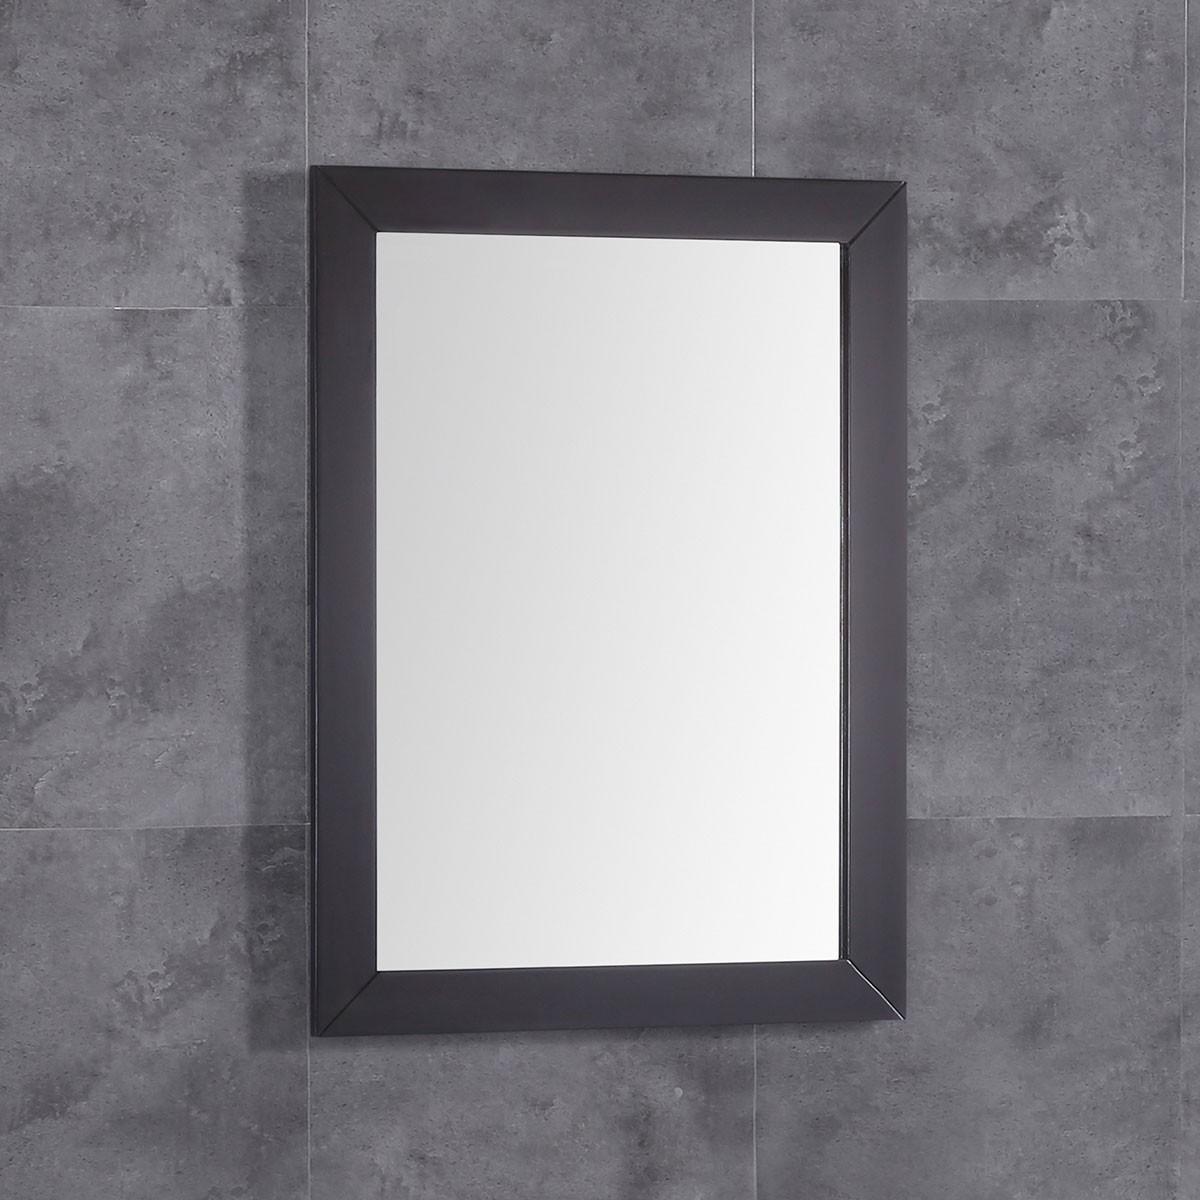 24 x 32 po Miroir pour vanité avec cadre en bois (DK-T9152A-M)